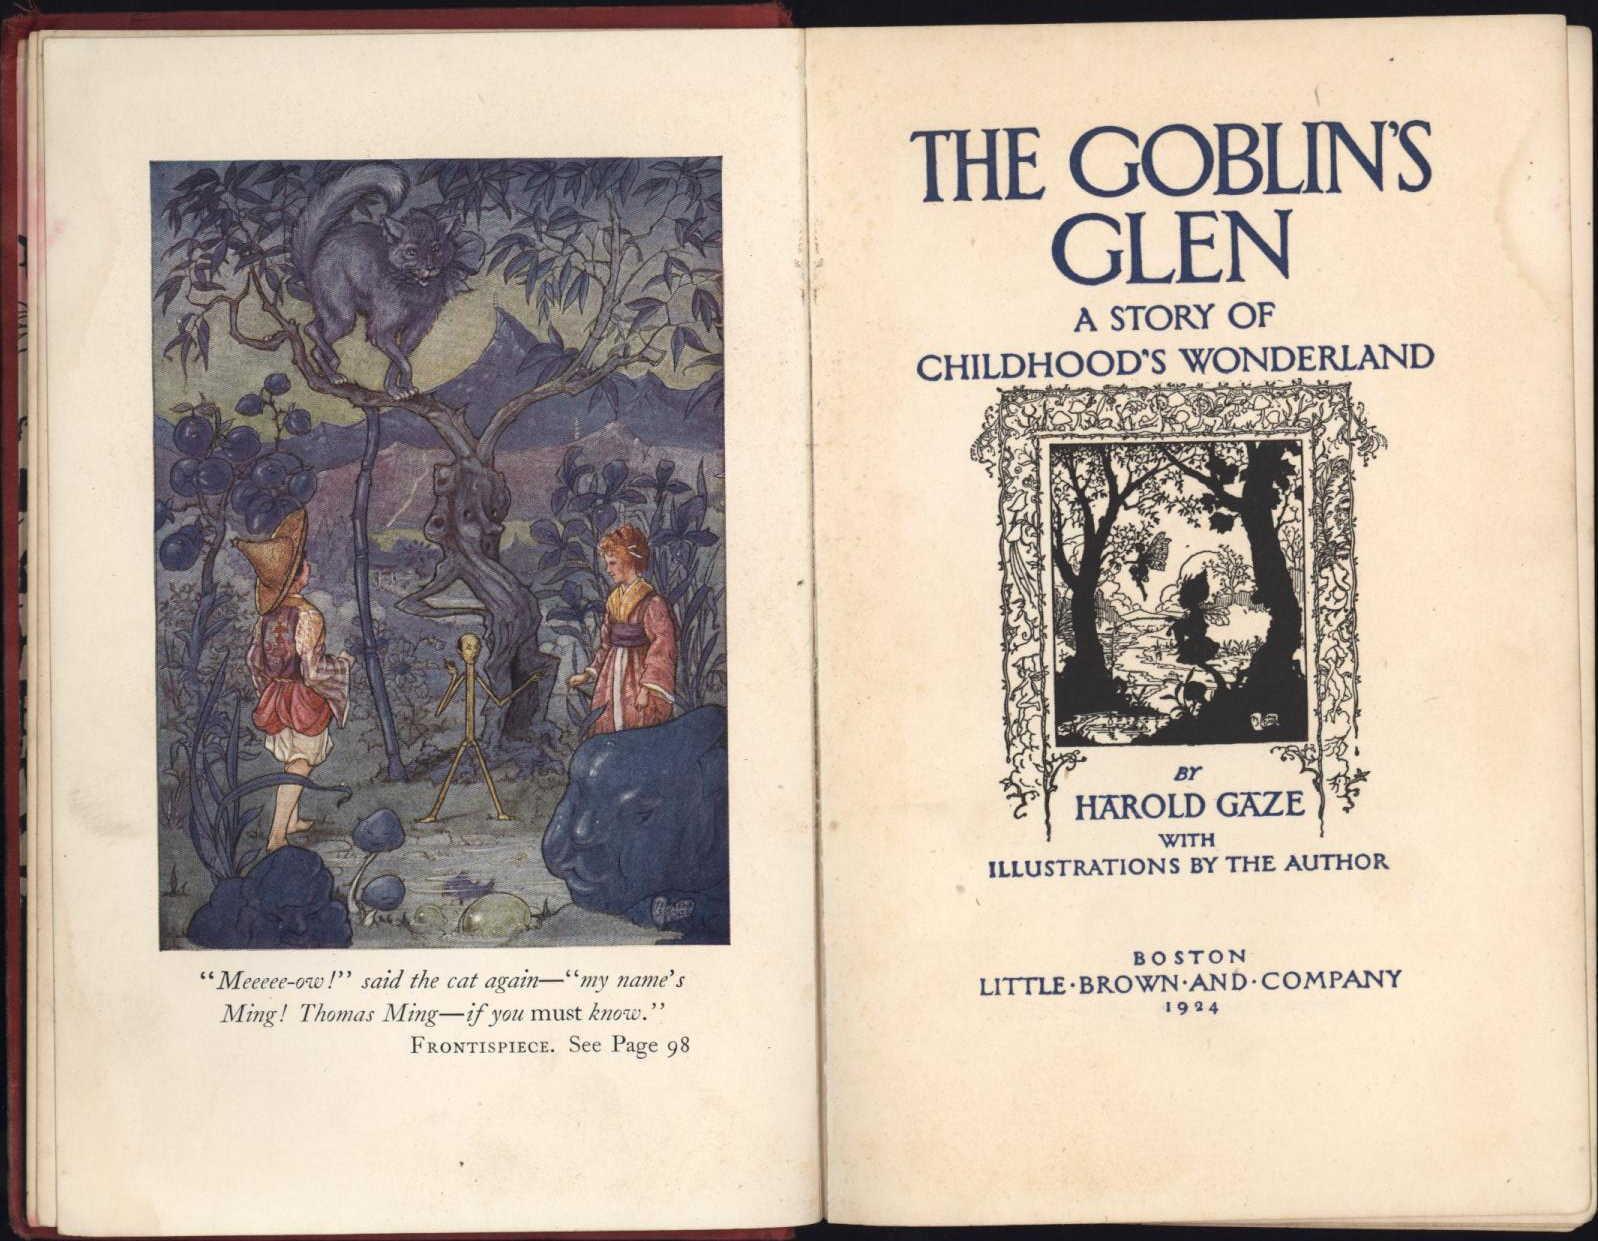 Harold Gaze Goblins Glen 1st ed title page